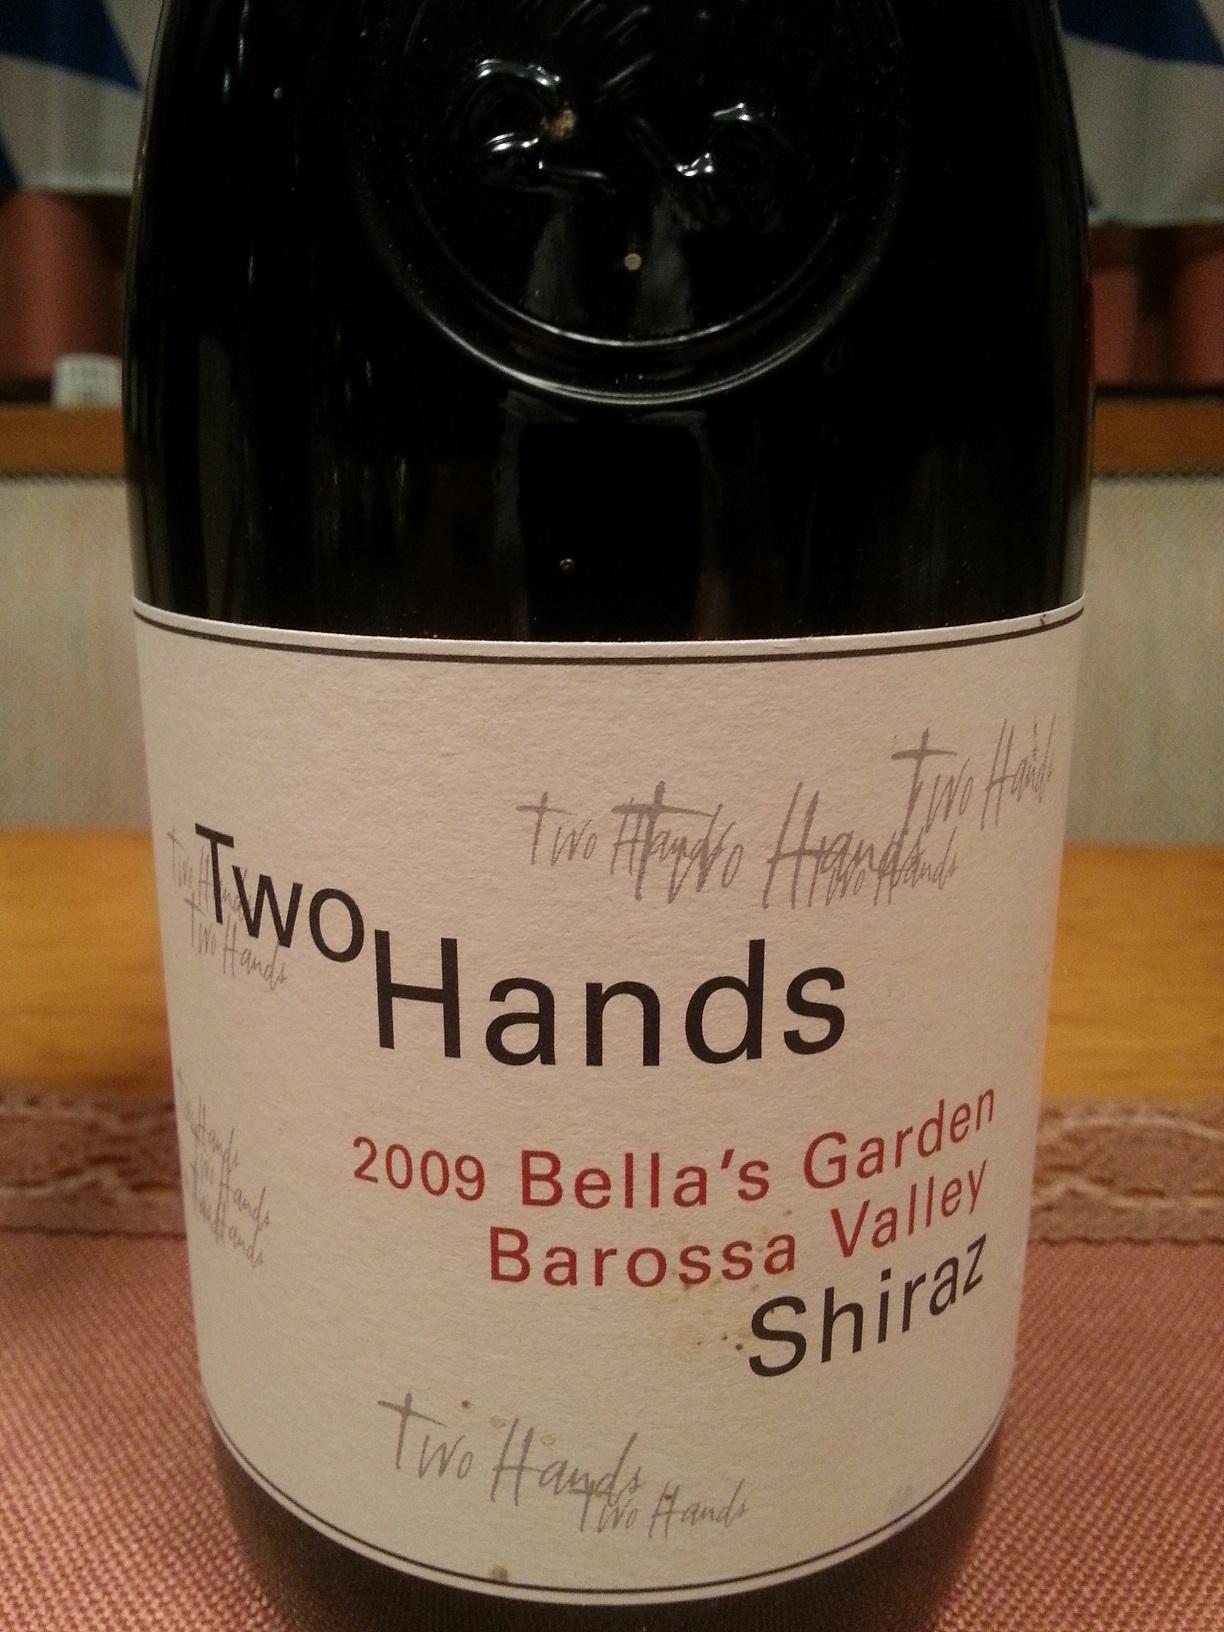 2009 Bella's Garden | Two Hands